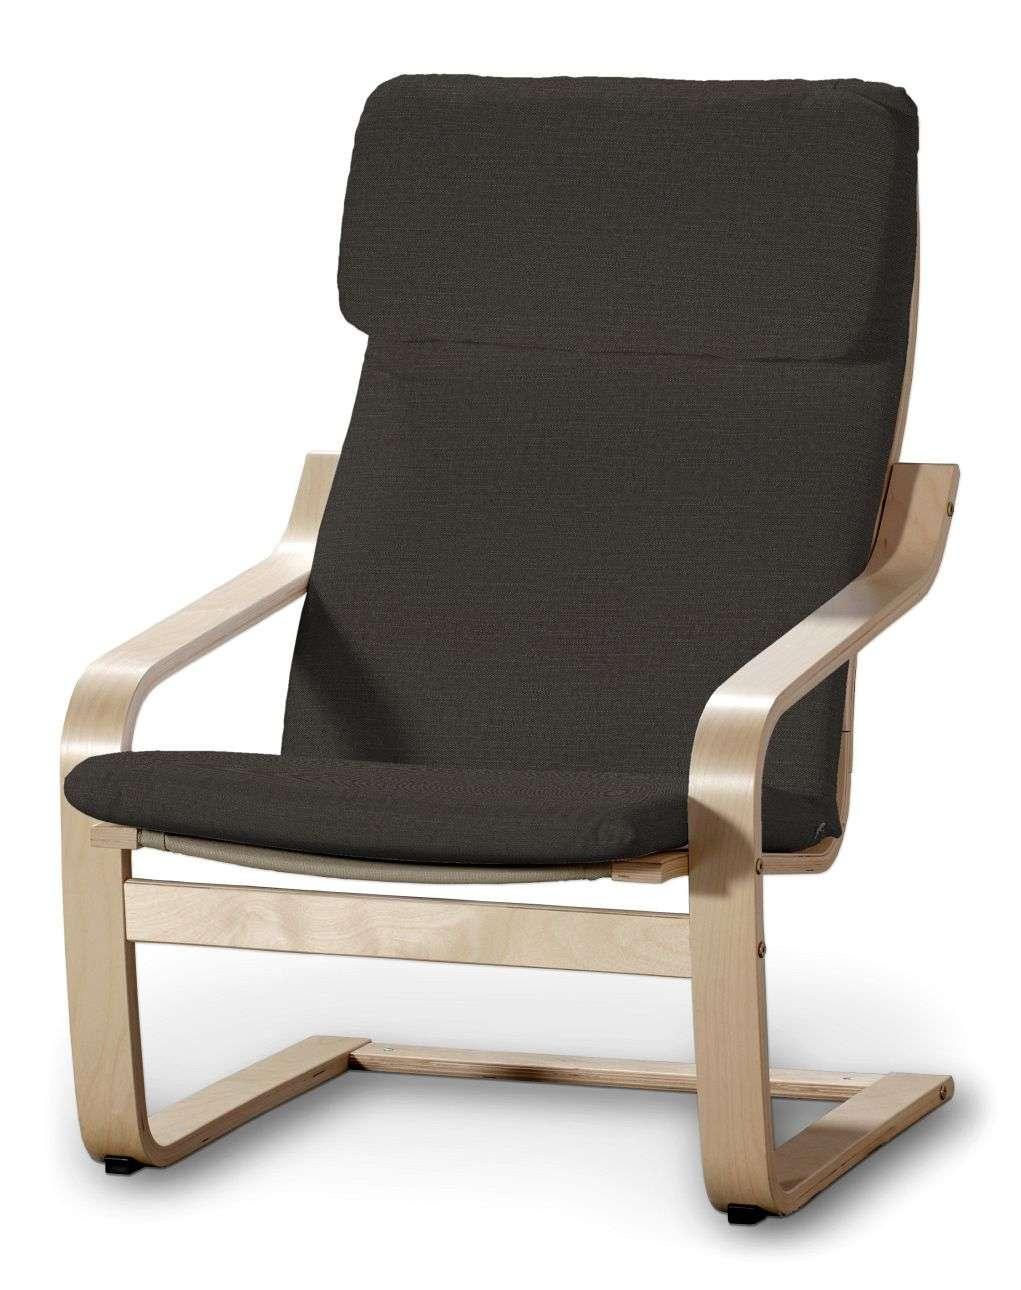 Poduszka na fotel Poäng Fotel Poäng w kolekcji Vintage, tkanina: 702-36